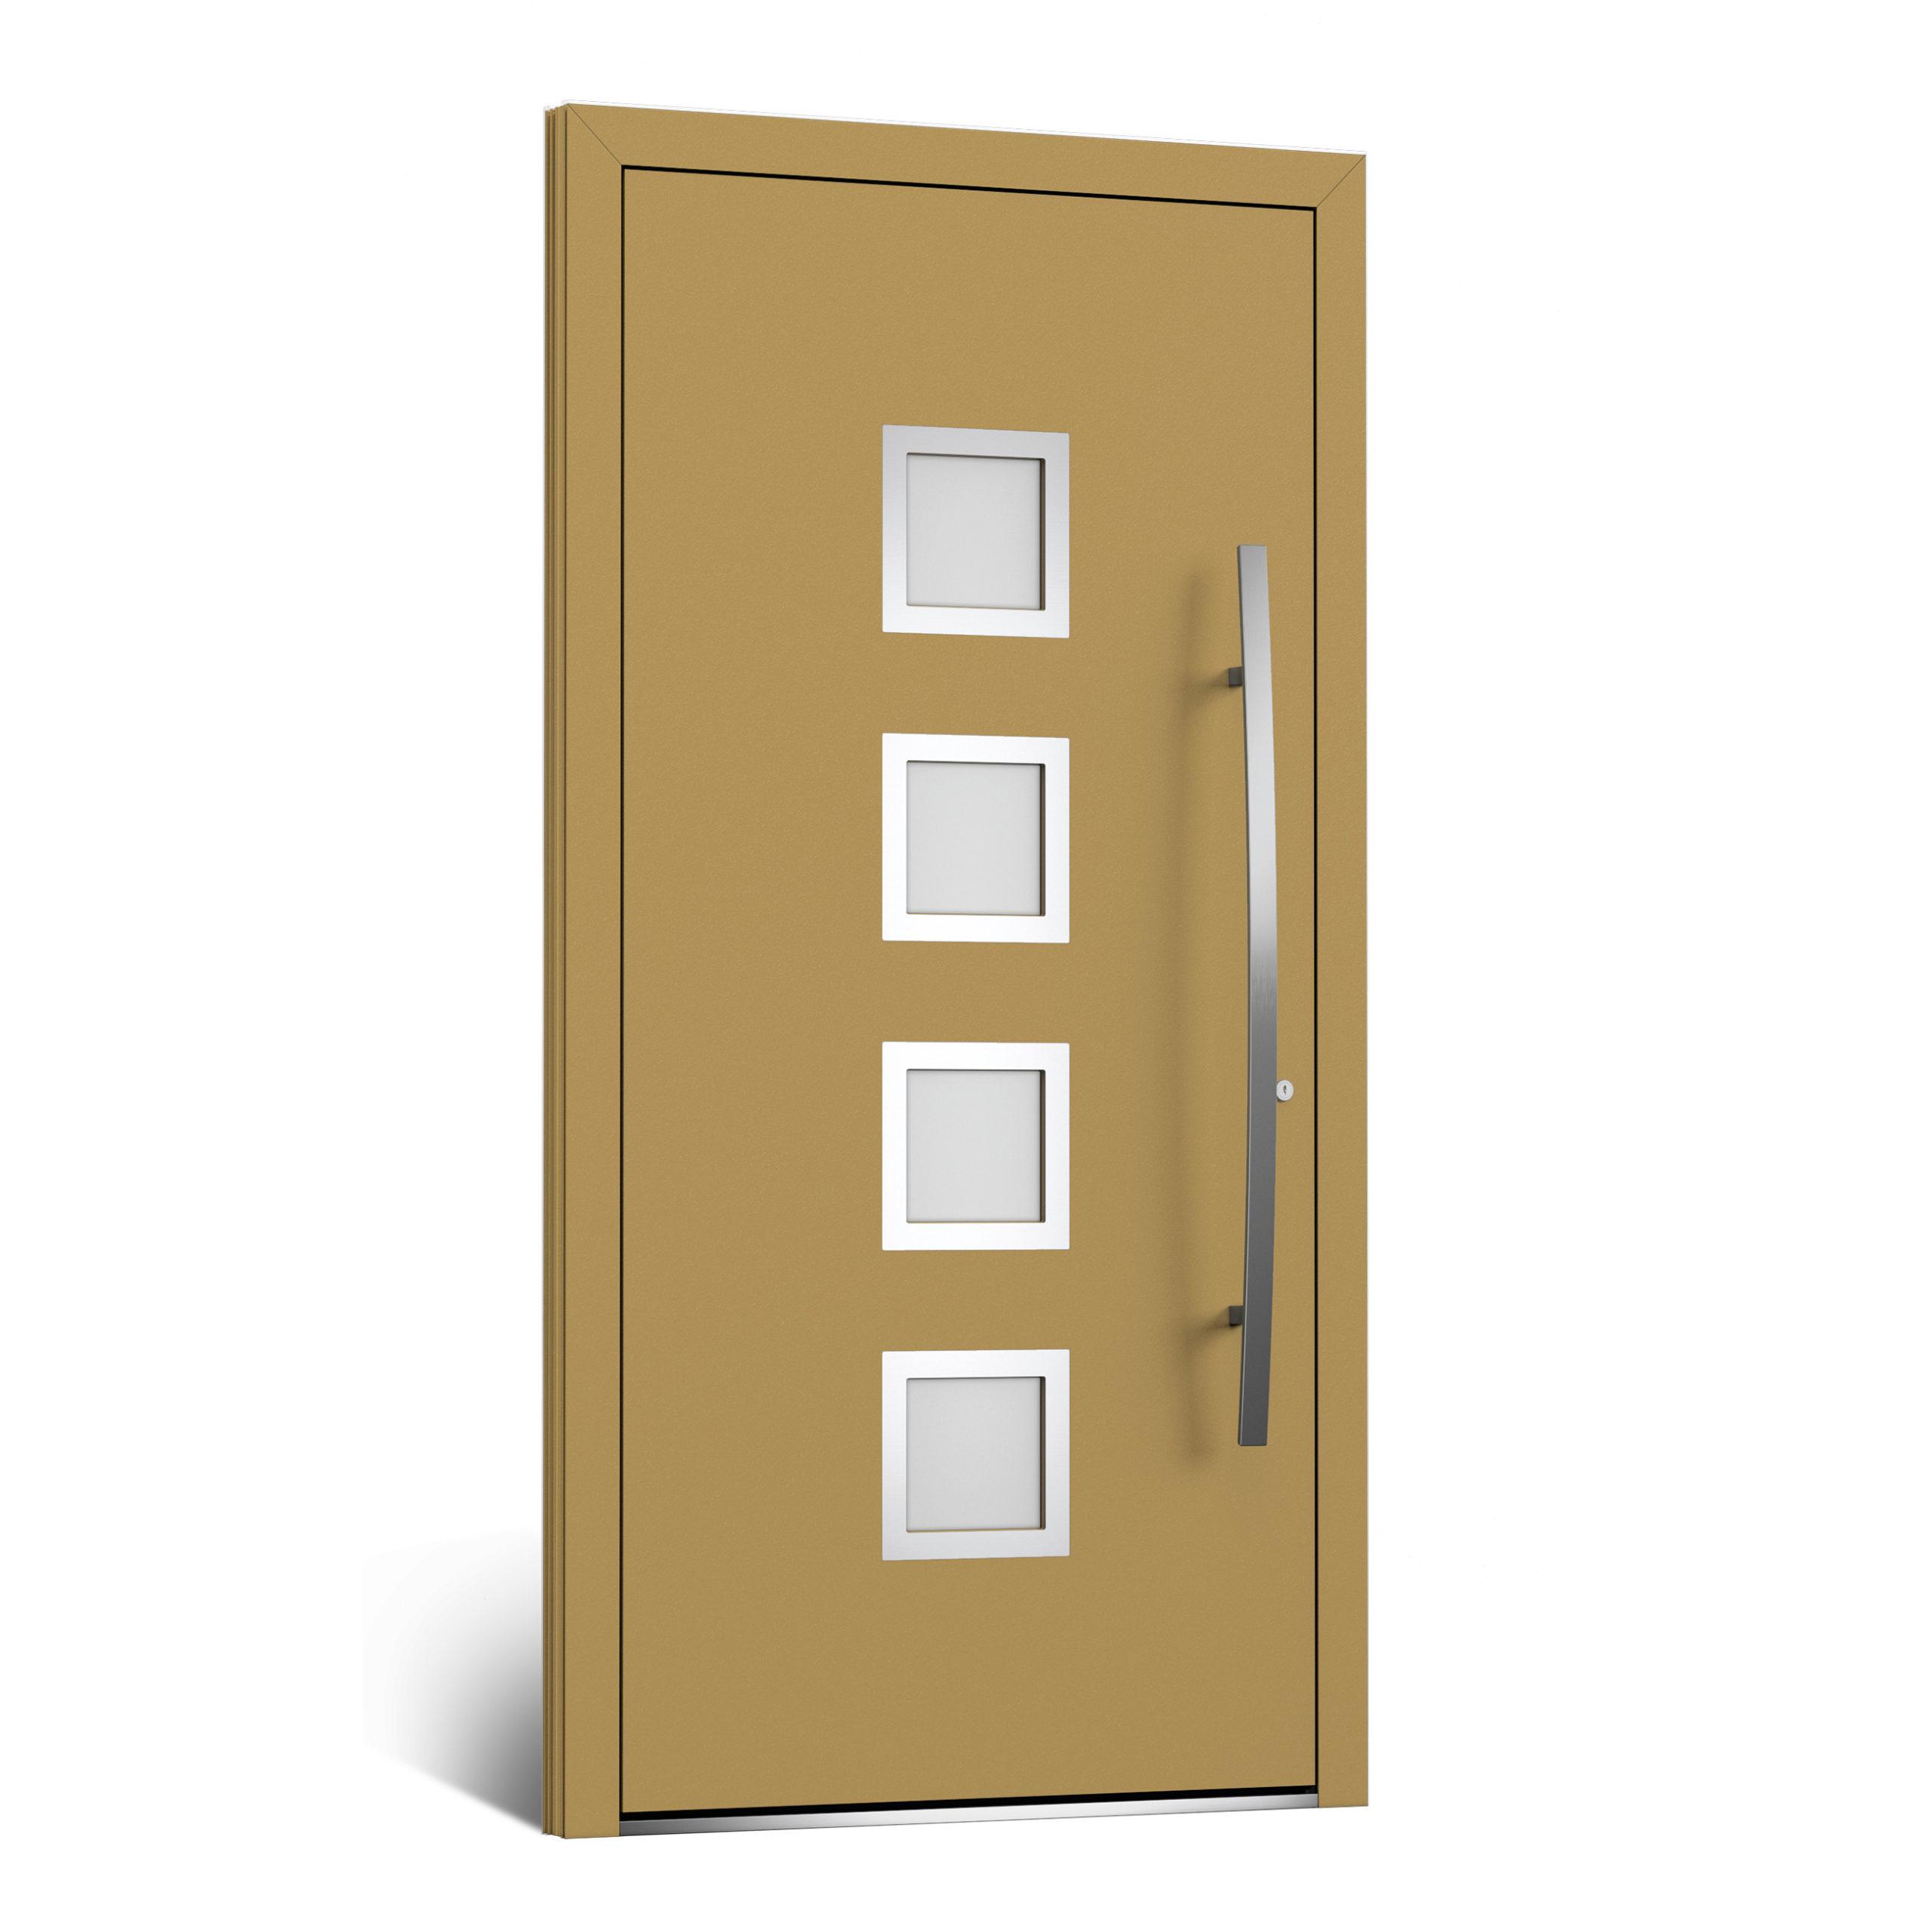 Vchodové dvere 305 s prekrytým krídlom